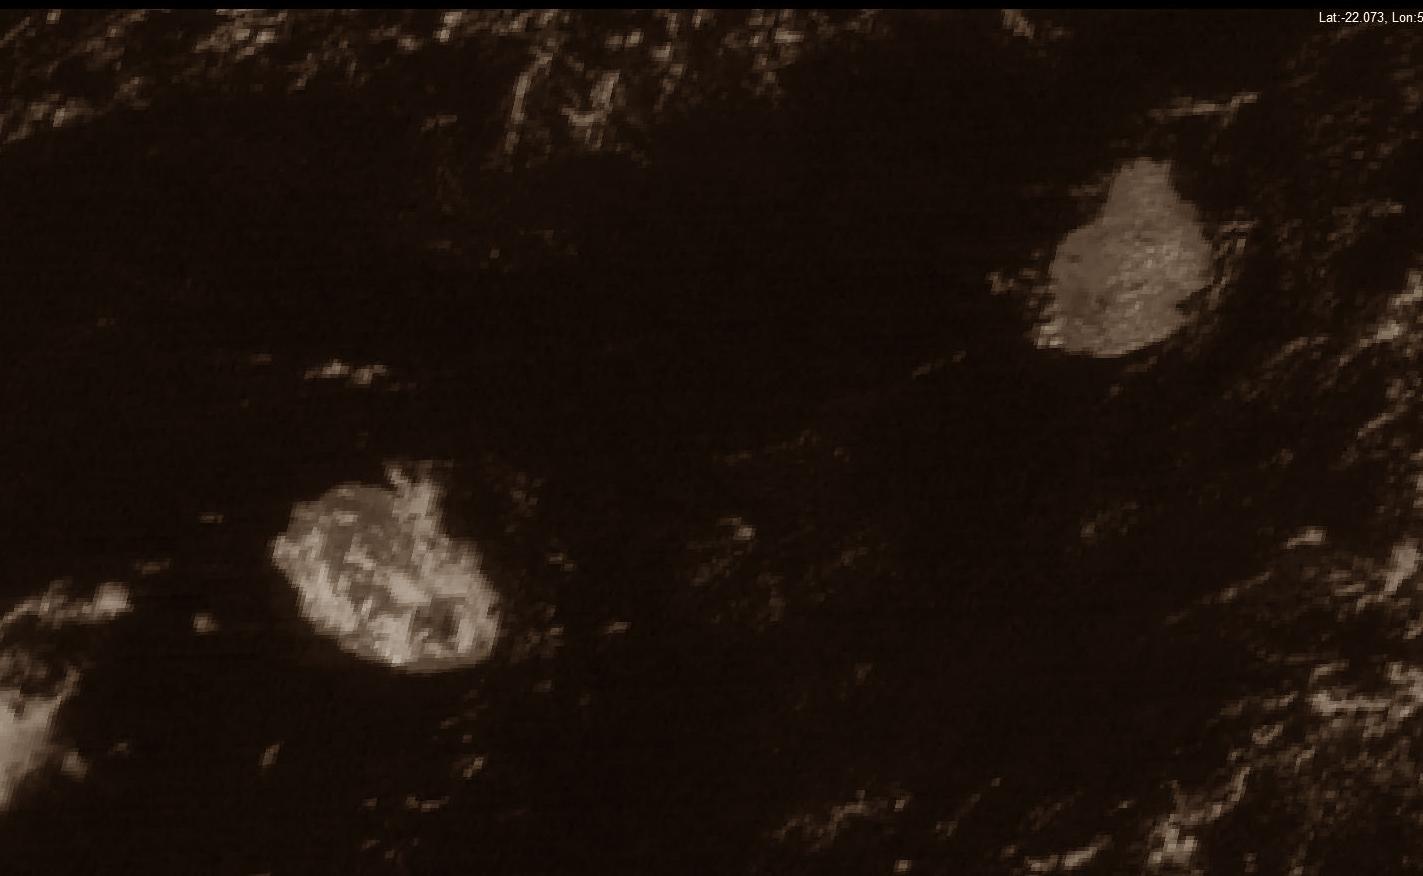 Les Iles soeurs capturées par Insat3D à 10h. Peu de nuages sur Maurice. Les mi pentes de la Réunion commencent à voir leur ciel s'encombrer. Le volcan est en majorité sous le soleil. Image courtesy of IMD.